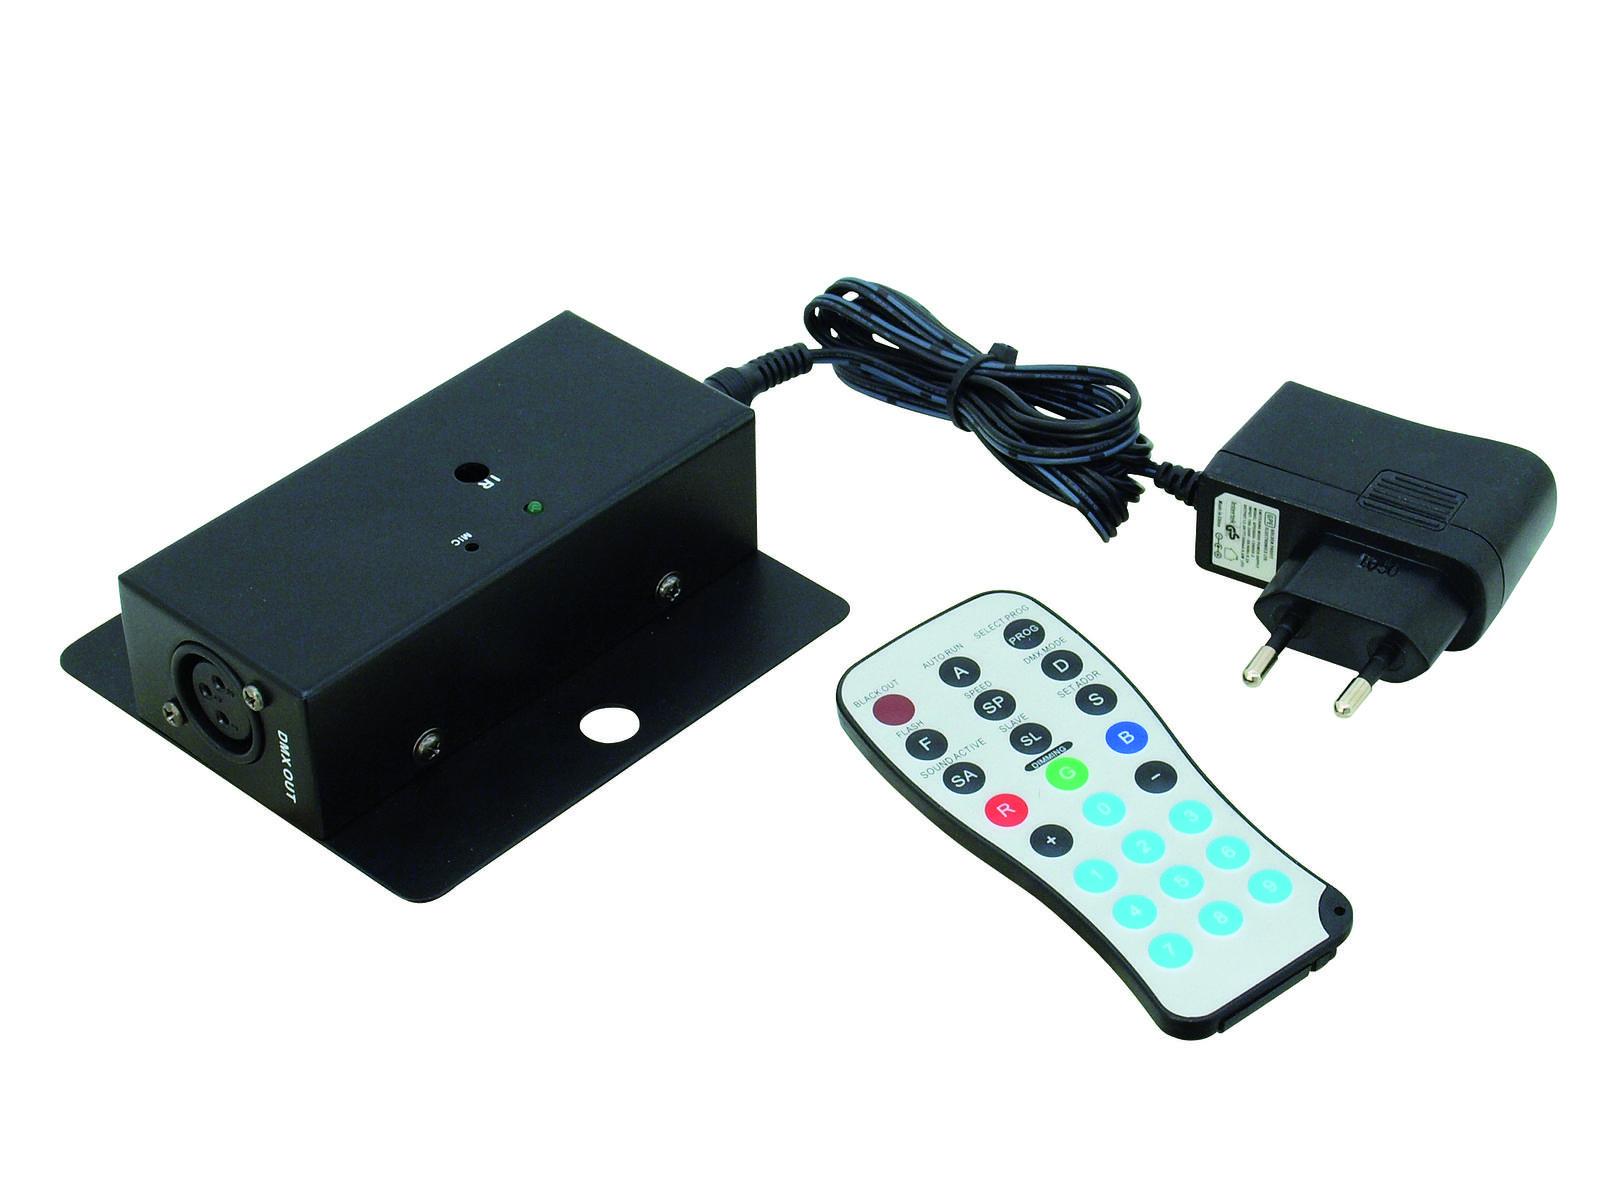 Eurolite-DMX-LED-Operator-IR2DMX-70064511b1 Verwunderlich Led Spots Mit Fernbedienung Dekorationen